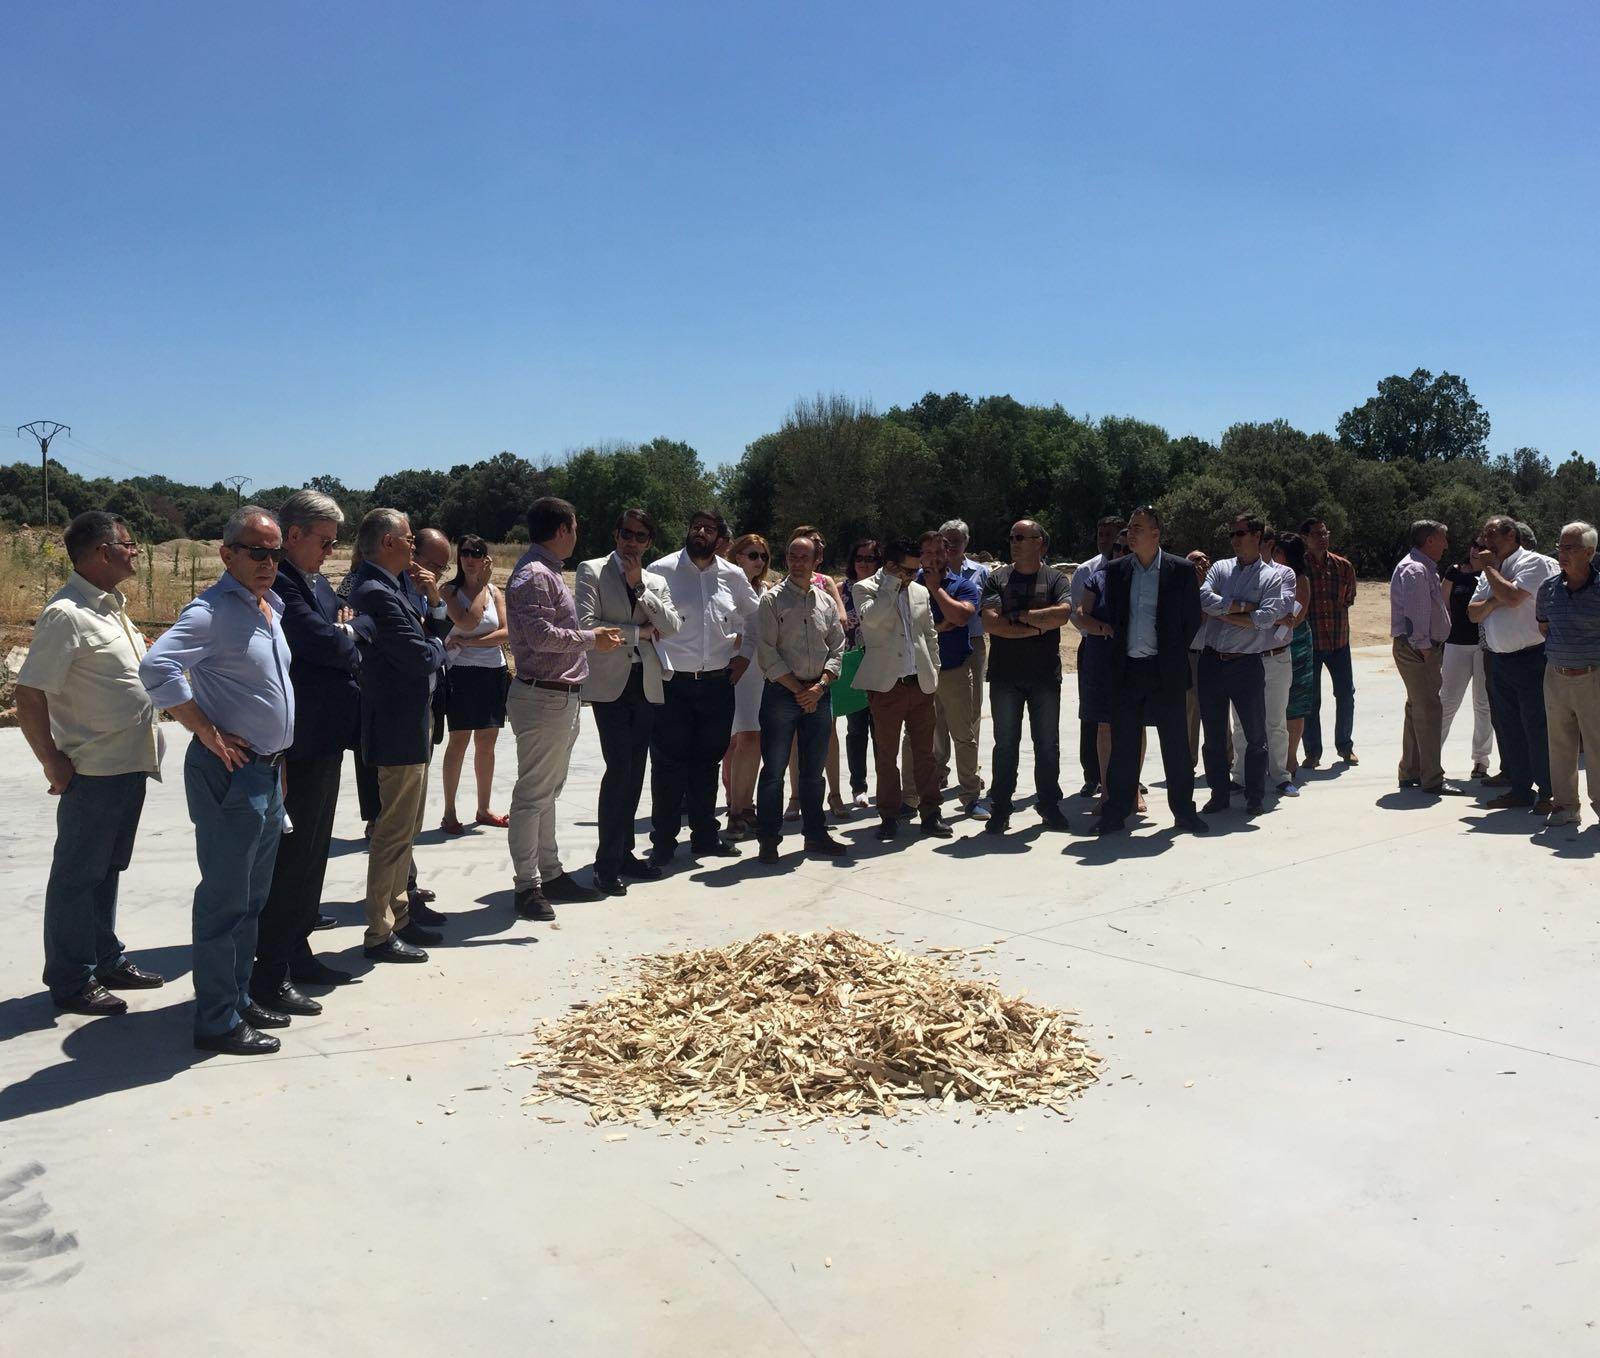 Éxito en los primeros cuatro años de funcionamiento de la planta de astillado de Mombeltrán (Ávila)